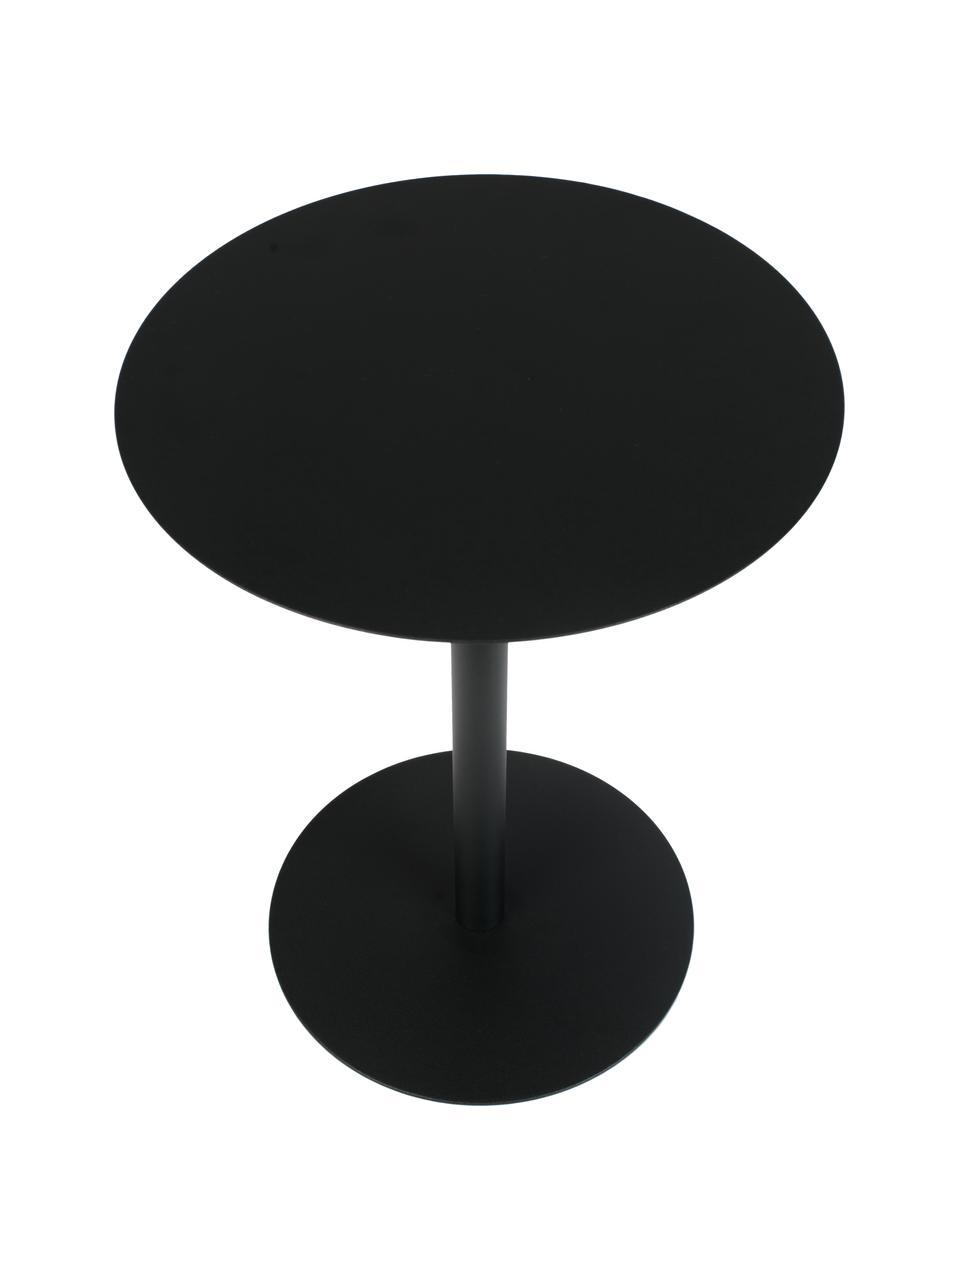 Tavolino rotondo in metallo nero Snow, Metallo verniciato a polvere, Nero, Ø 35 x Alt. 45 cm